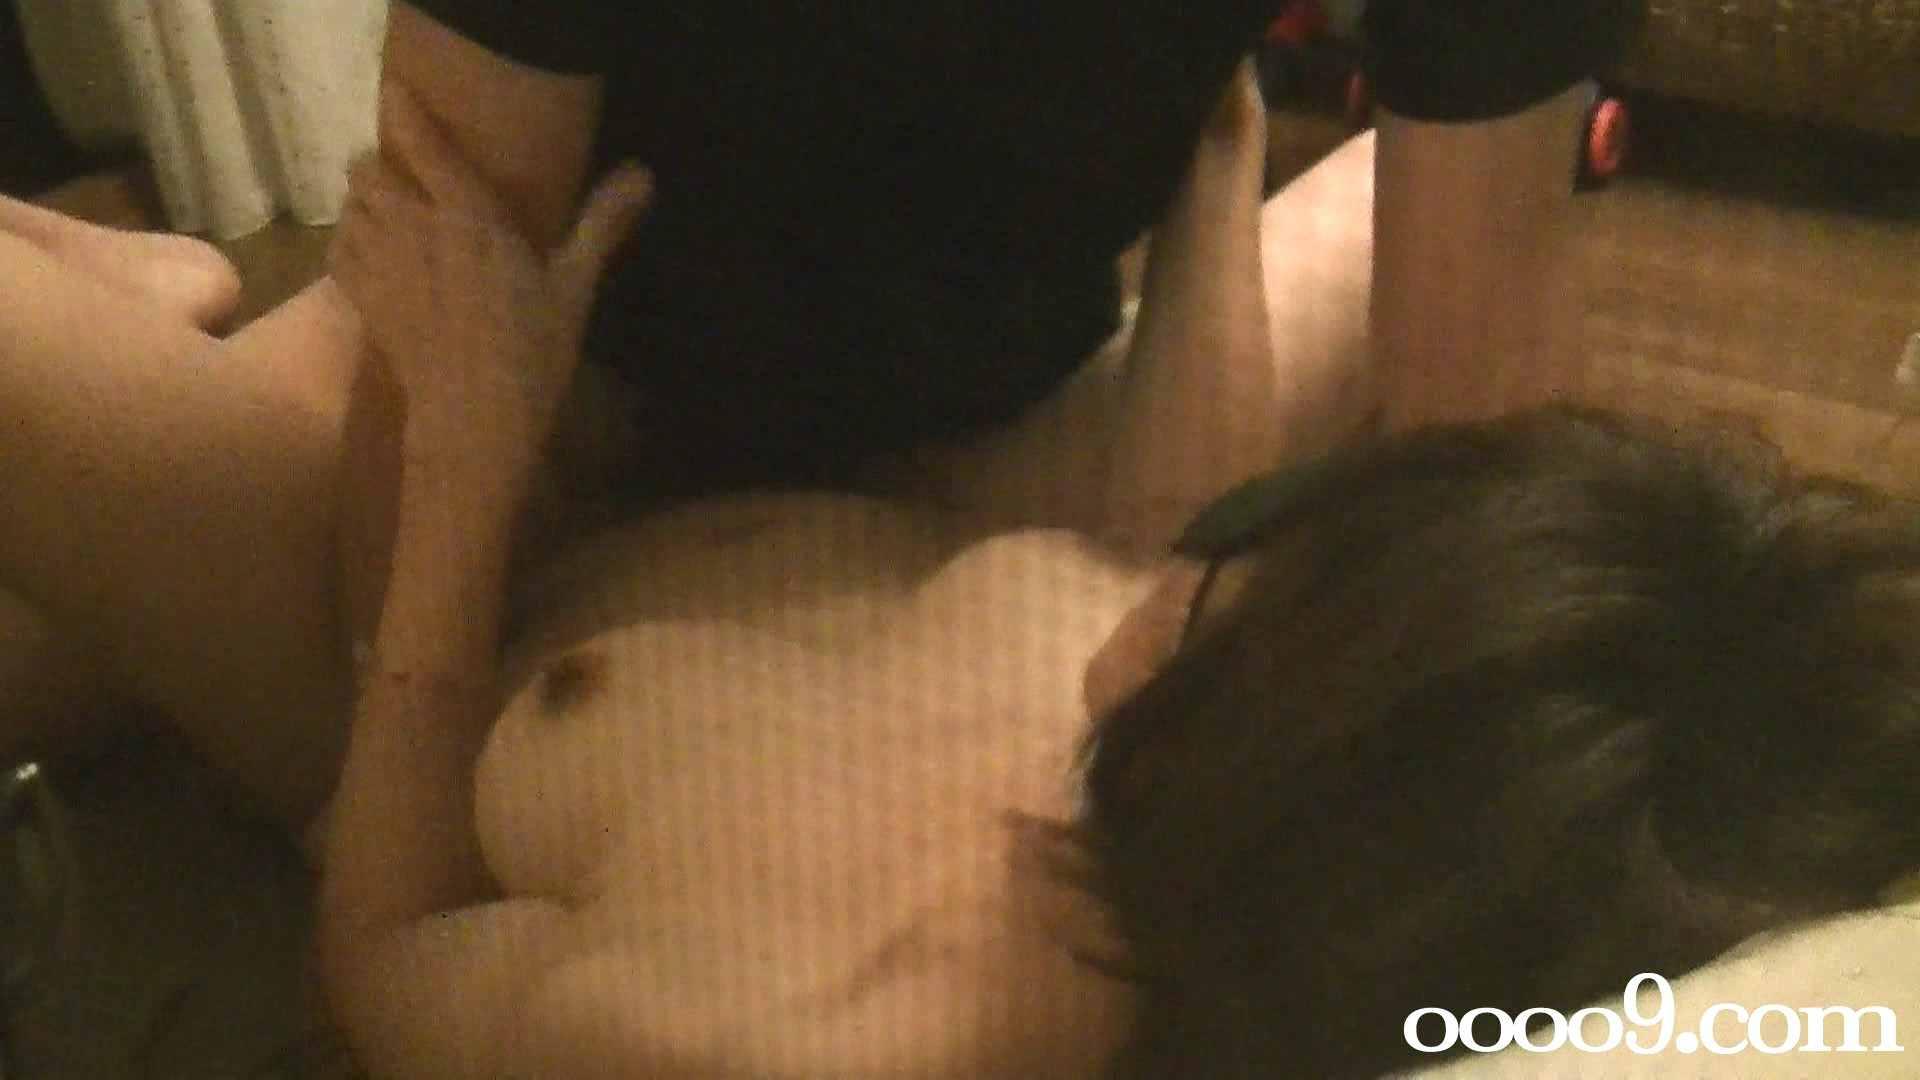 今度はHDだよ!ハメ撮りFカップみかちゃん vol.01 淫乱 のぞき動画キャプチャ 77pic 27